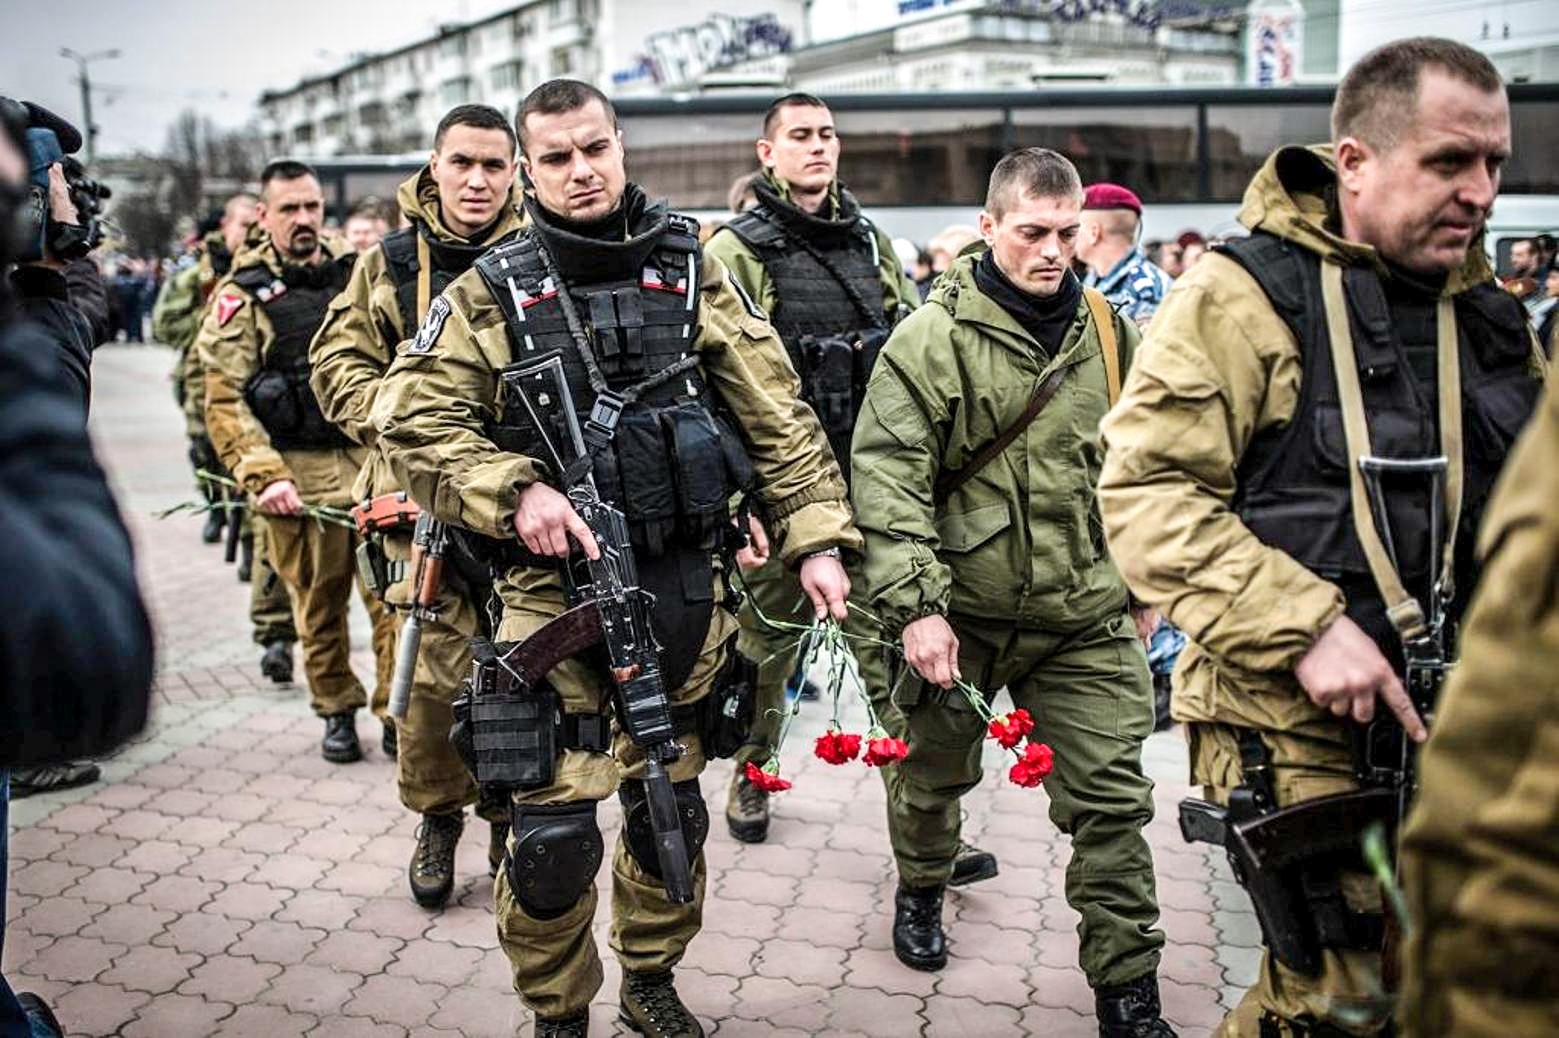 Вовремя церемонии прощания субитыми вКиеве военнослужащими изКрыма. Симферополь, 22 февраля 2014года